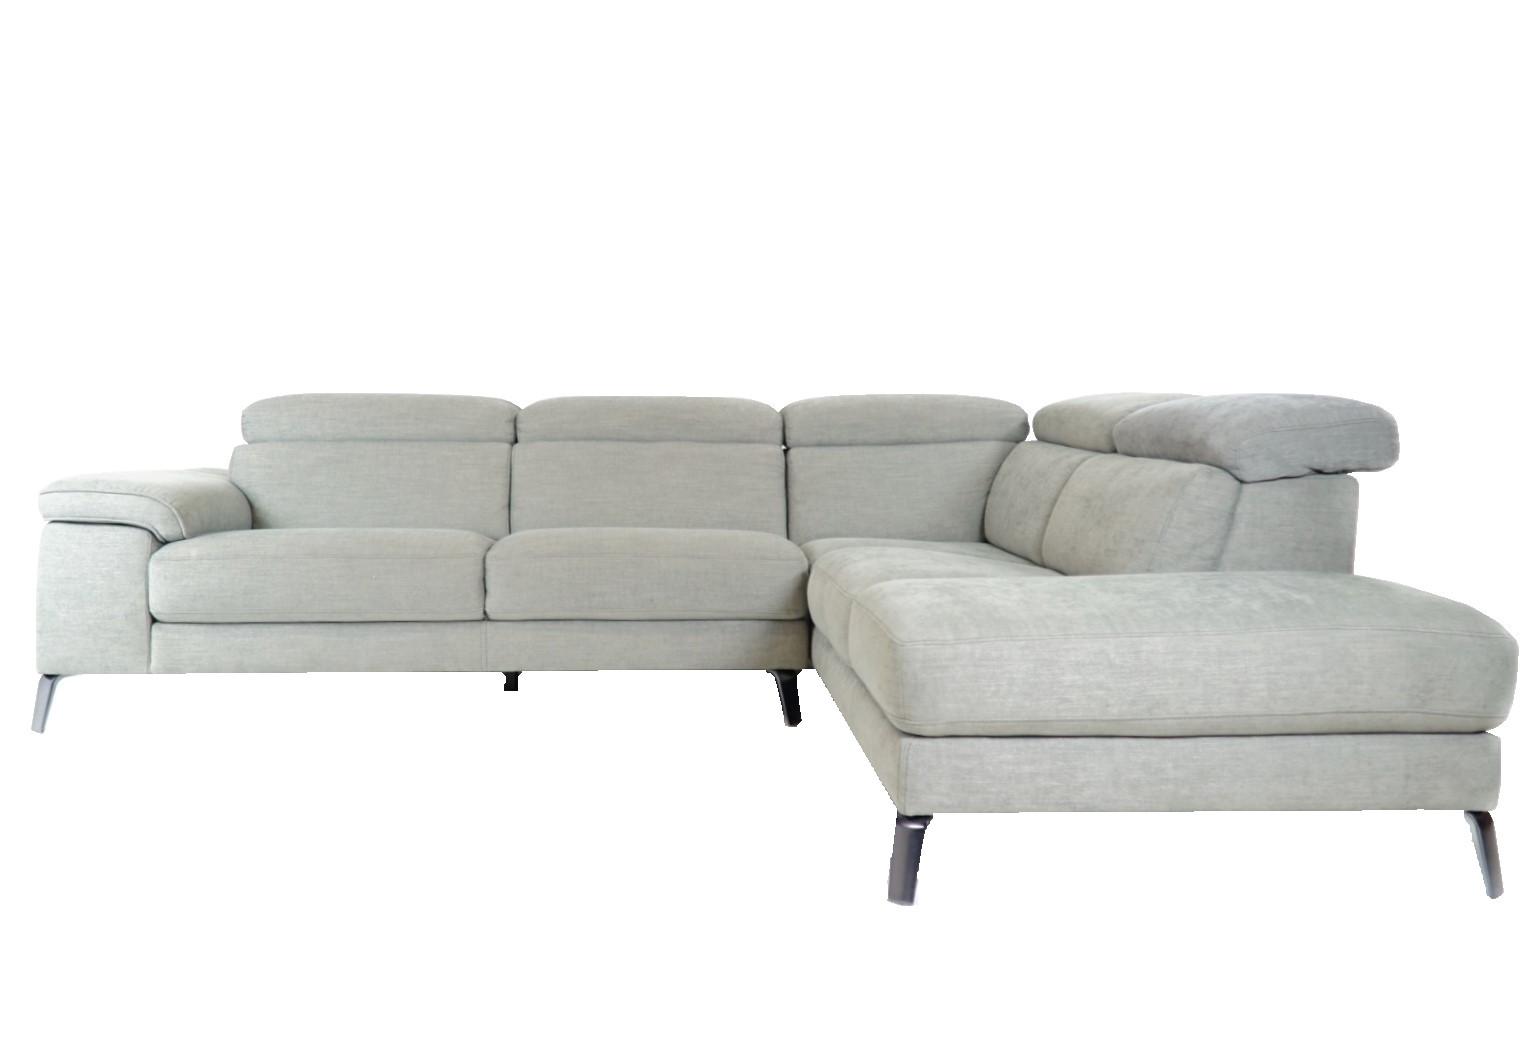 Fulton Corner Sofa - OUTLET